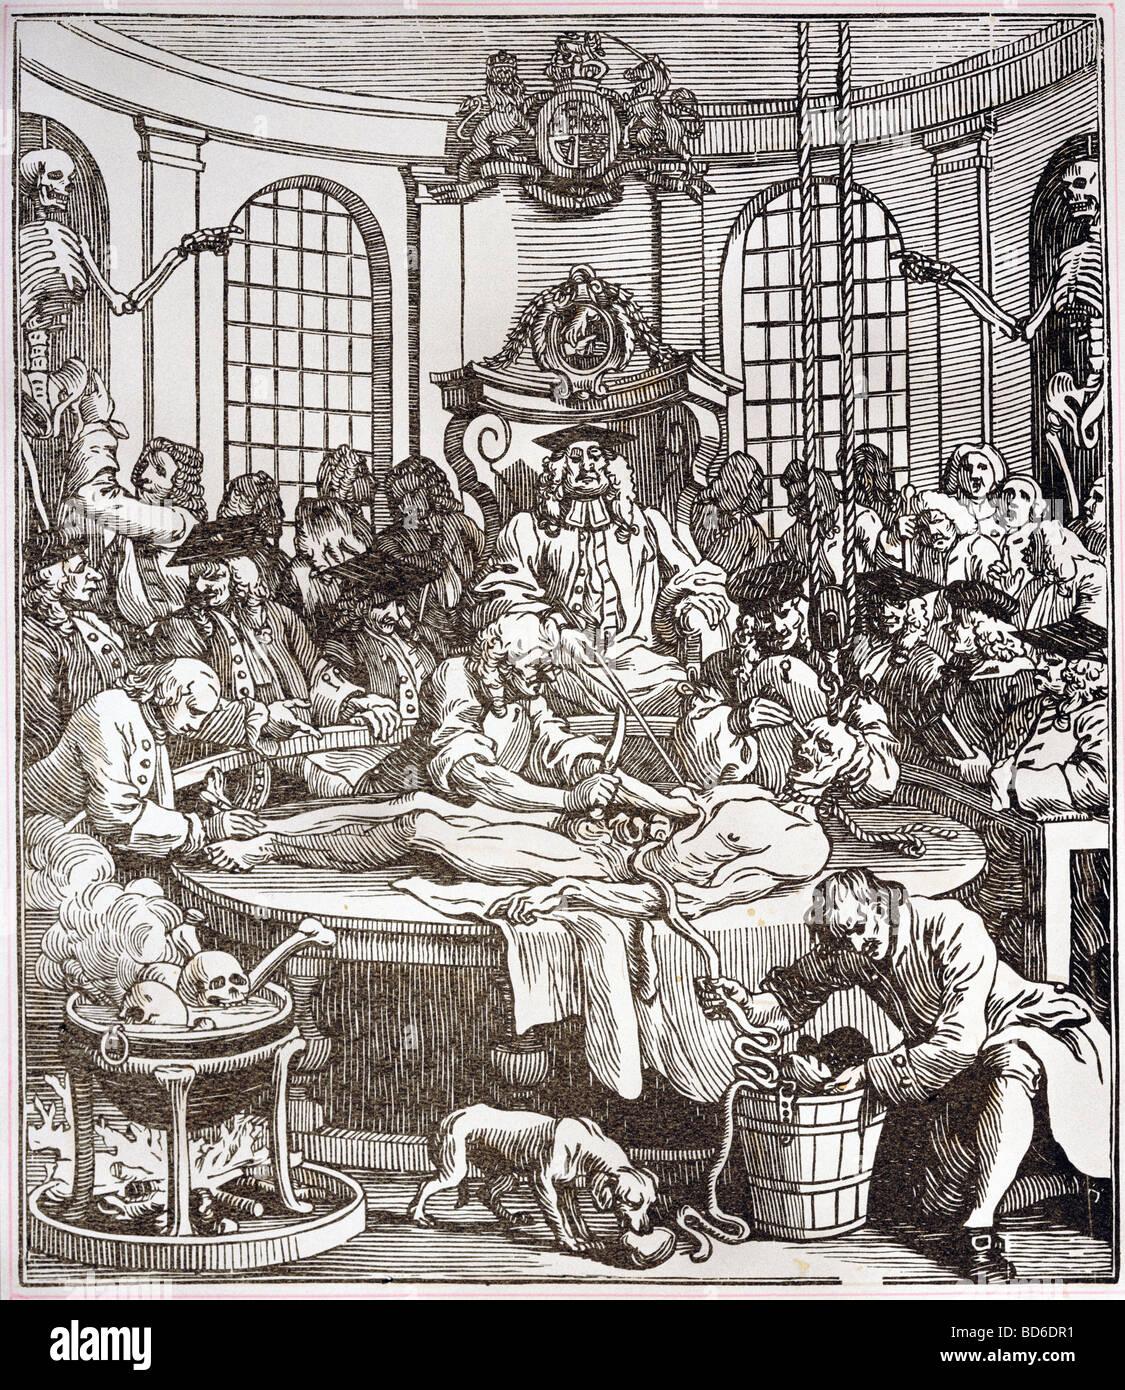 Medizin, Anatomie, Karikatur, Dissektion, Kupfer Kupferstich von ...